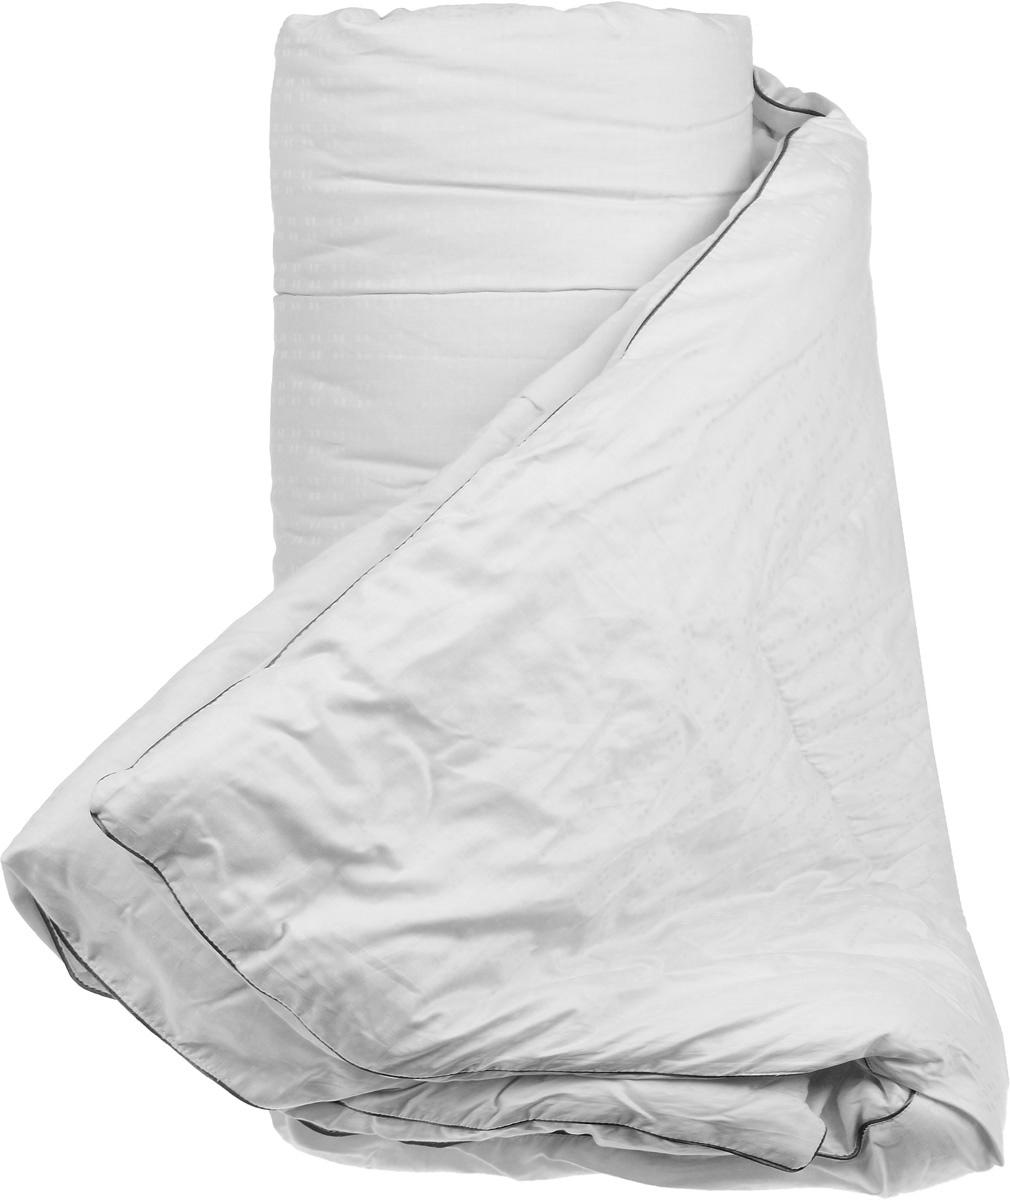 Одеяло теплое Легкие сны Элисон, наполнитель: лебяжий пух, 172 х 205 см172(42)03-ЛПТеплое одеяло Легкие сны Элисон поможет расслабиться,снимет усталость и подарит вам спокойный и здоровый сон. В качестве наполнителя используется синтетическийсверхтонкий и практически невесомый материал, названныйлебяжьим пухом. Изделия с наполнителем изискусственного пуха легкие, мягкие и не вызывают аллергии. Чехол изделия, выполненный из белоснежного сатина (100%хлопок), оформлен оригинальным тиснением. Одеялопростегано и отделано по краю атласным кантом серогоцвета.Одеяло с таким наполнителем практично, легко стирается ибыстро сохнет, сохраняя свои первоначальные свойства.Можно стирать в стиральной машине.